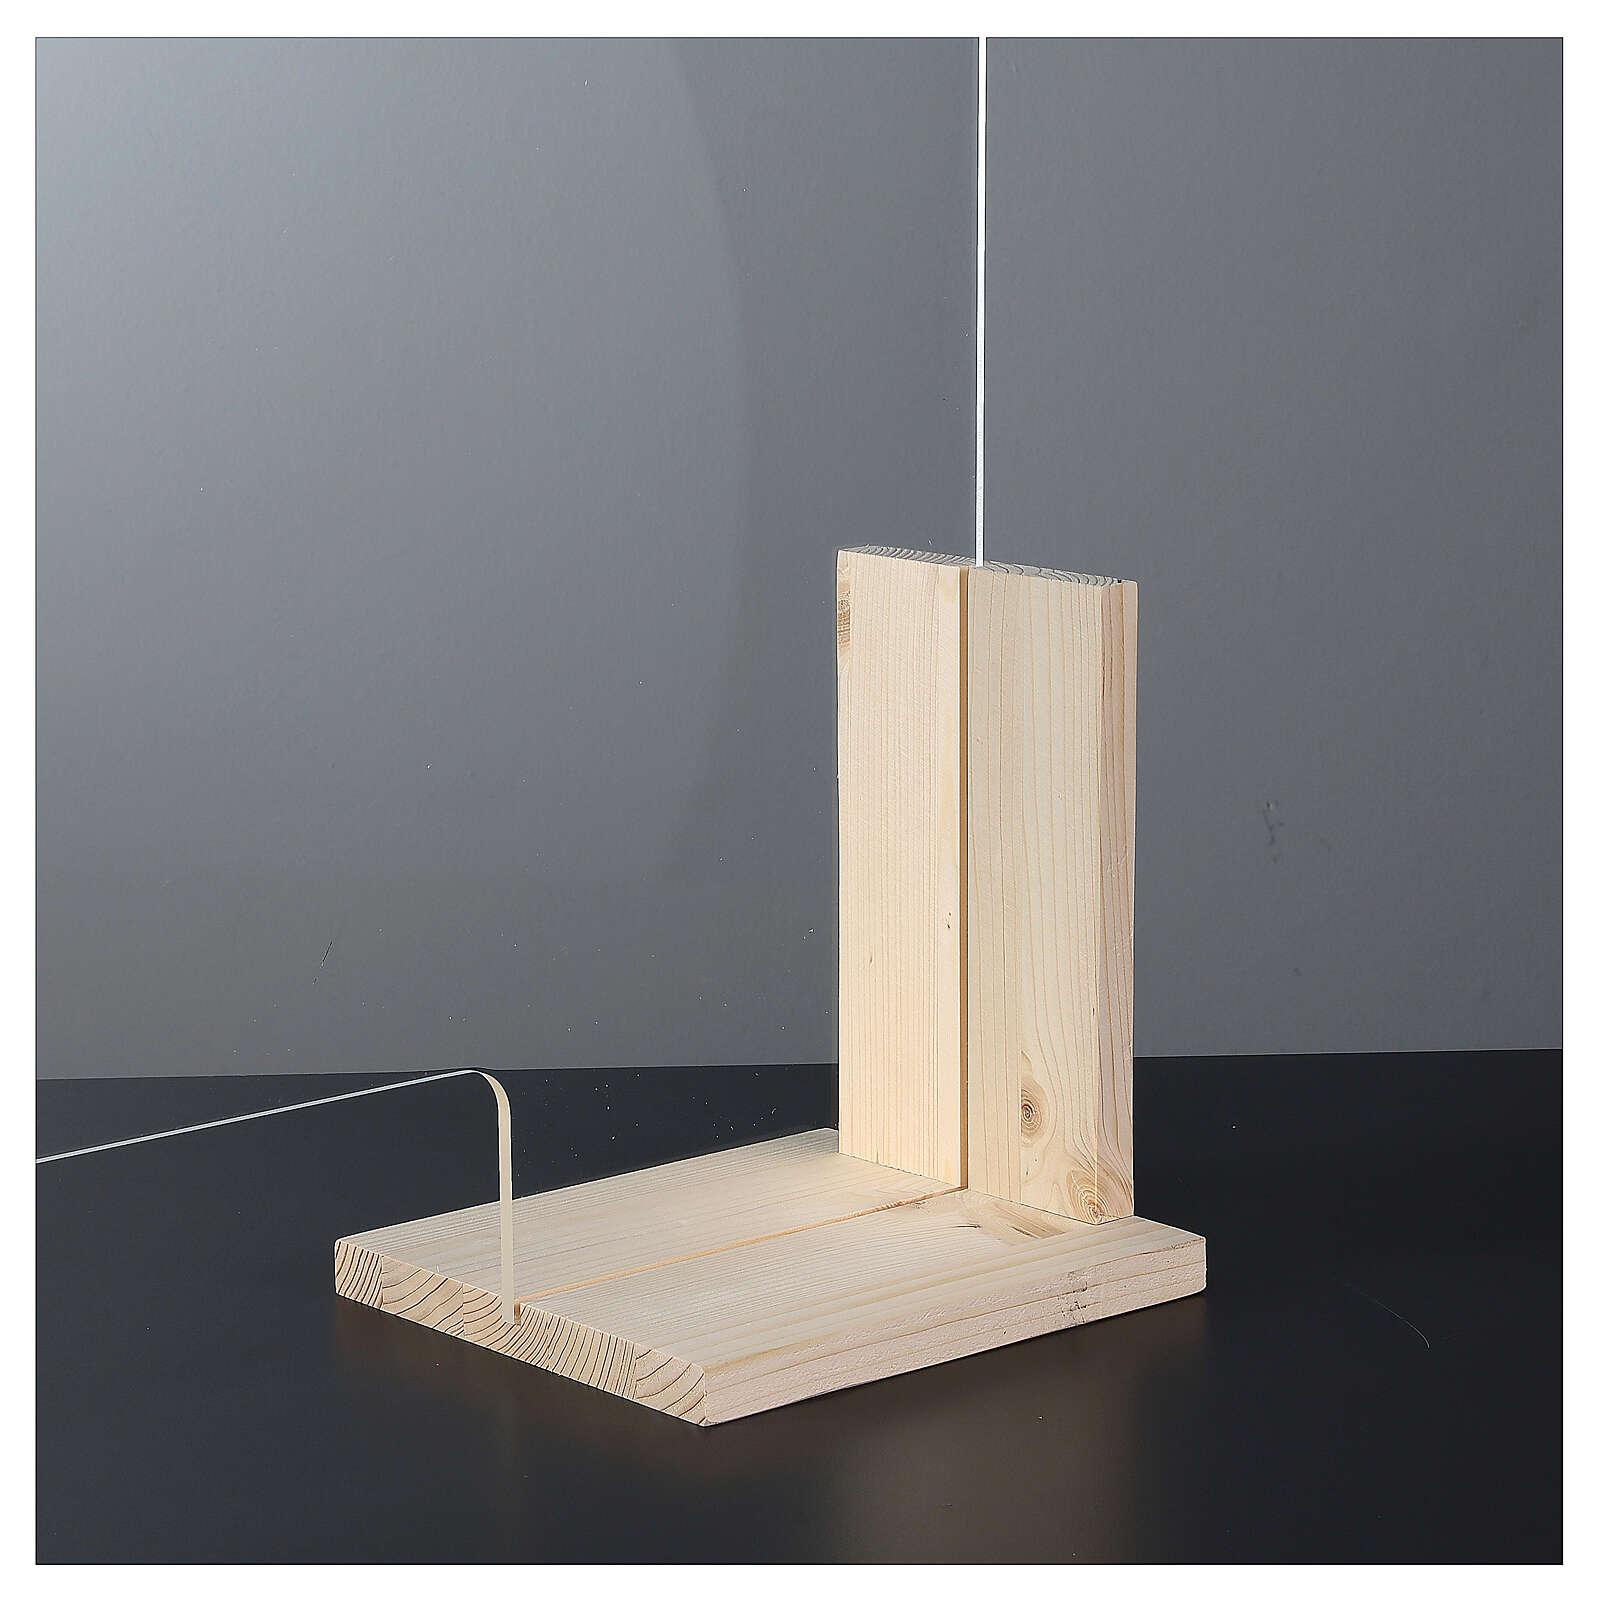 Barreira de proteção anti-contágio de mesa, Linha Wood, 65x120 cm com abertura de 8x32 cm 3